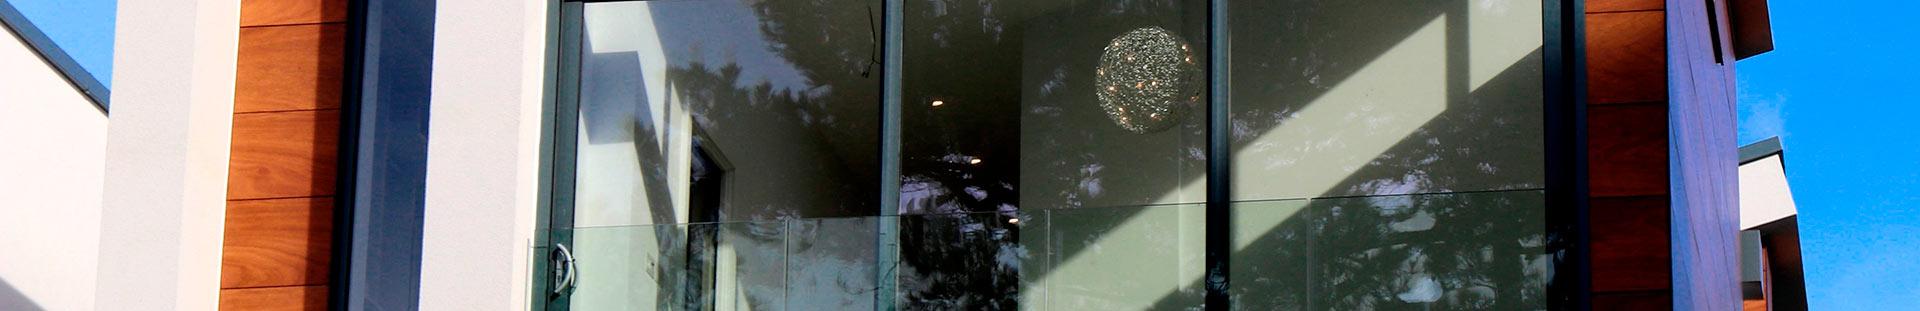 Stores extérieurs de fenêtre